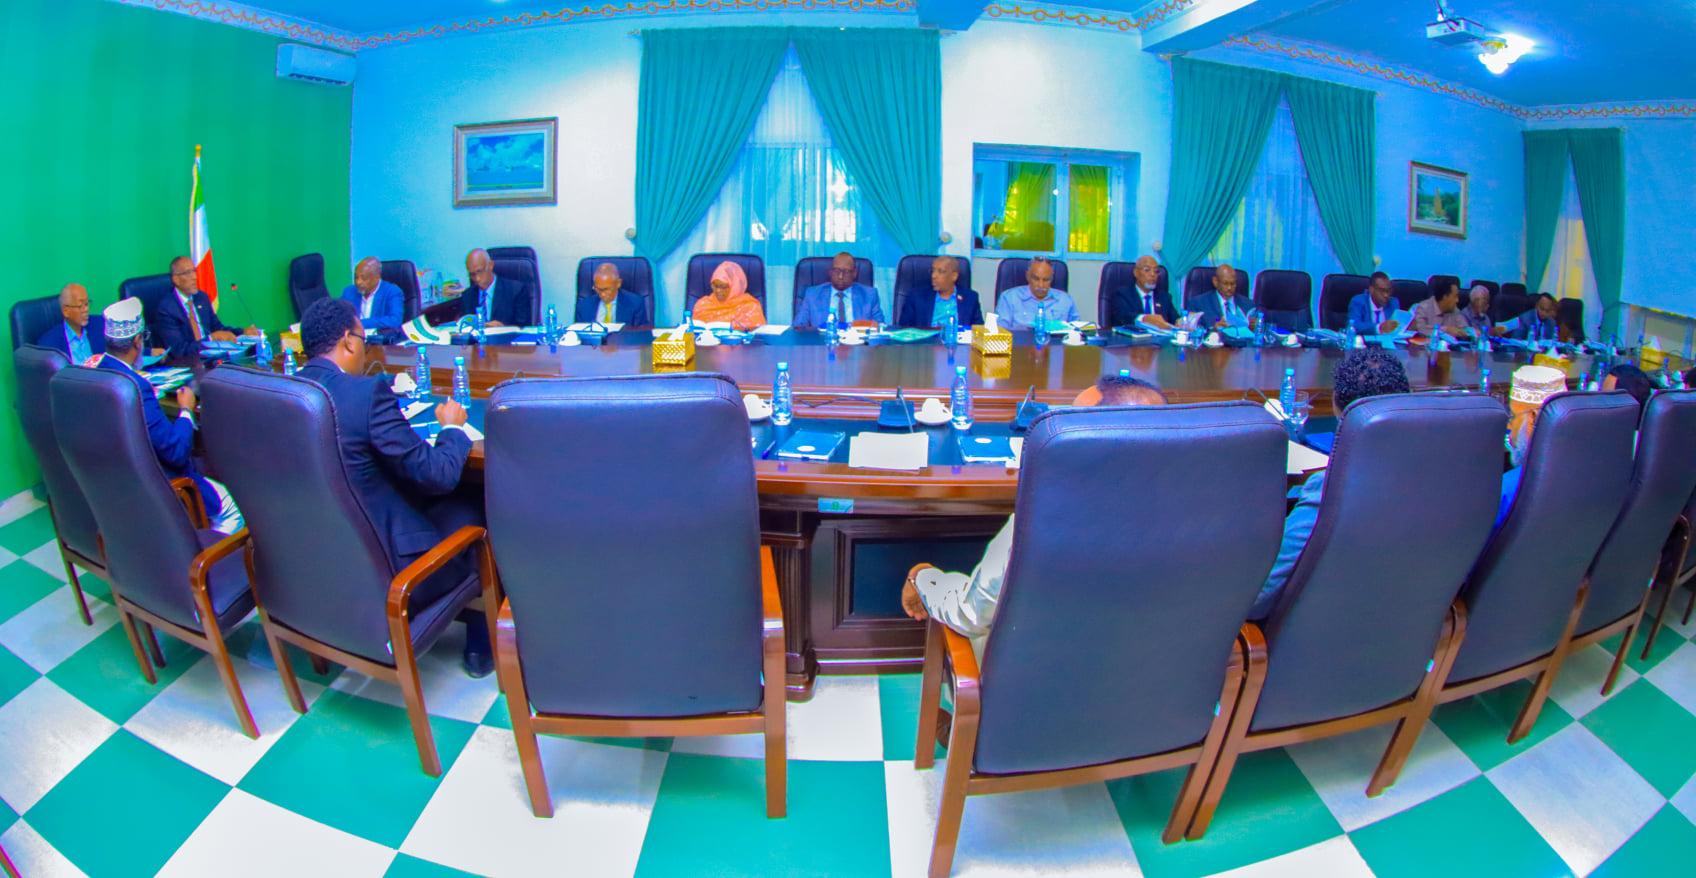 Fadhigii Golaha Wasiirrada Somaliland Ee Maanta Oo Lagaga Dooday Odoroska Miisaaniyadaha 2022 Ilaa 2024